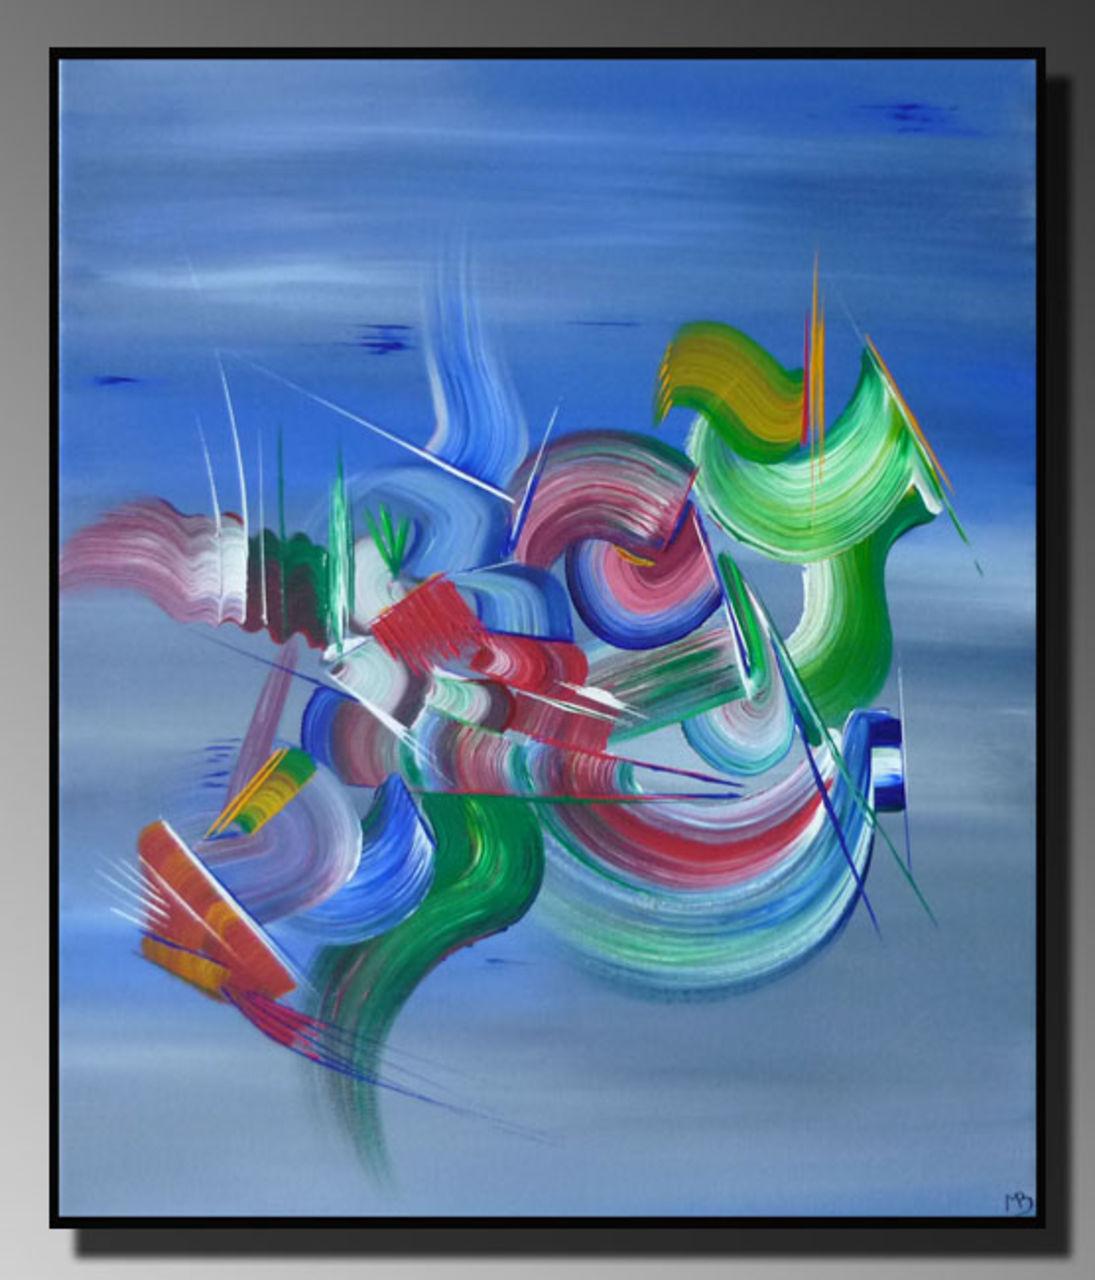 Peinture abstraite chimere martine belfodil artiste for Peintures abstraites